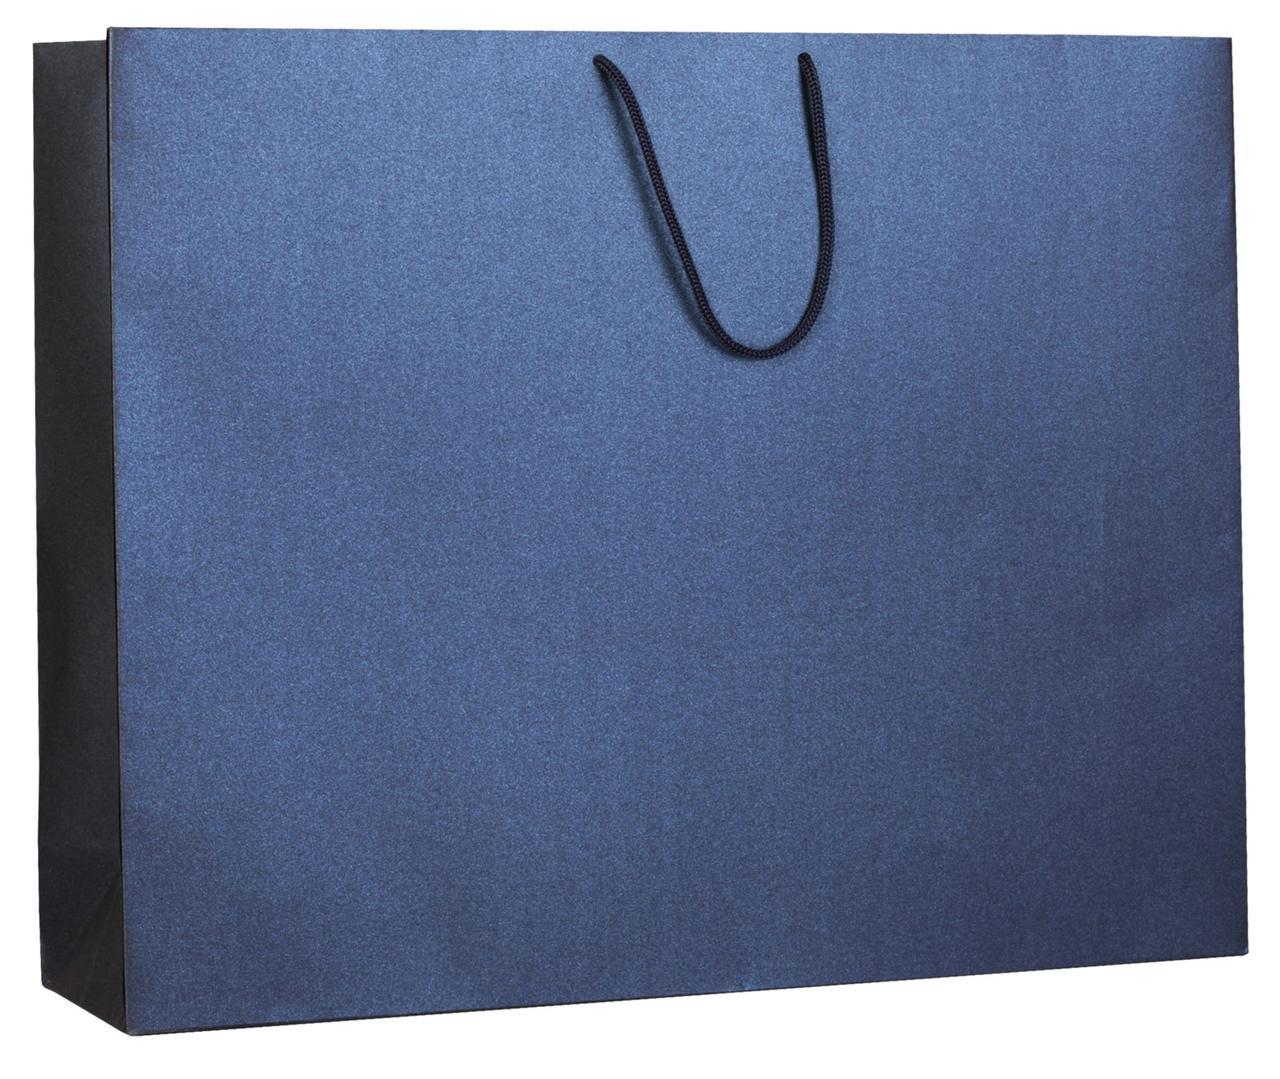 Пакет бумажный «Блеск», большой, синий (артикул 5868.40)